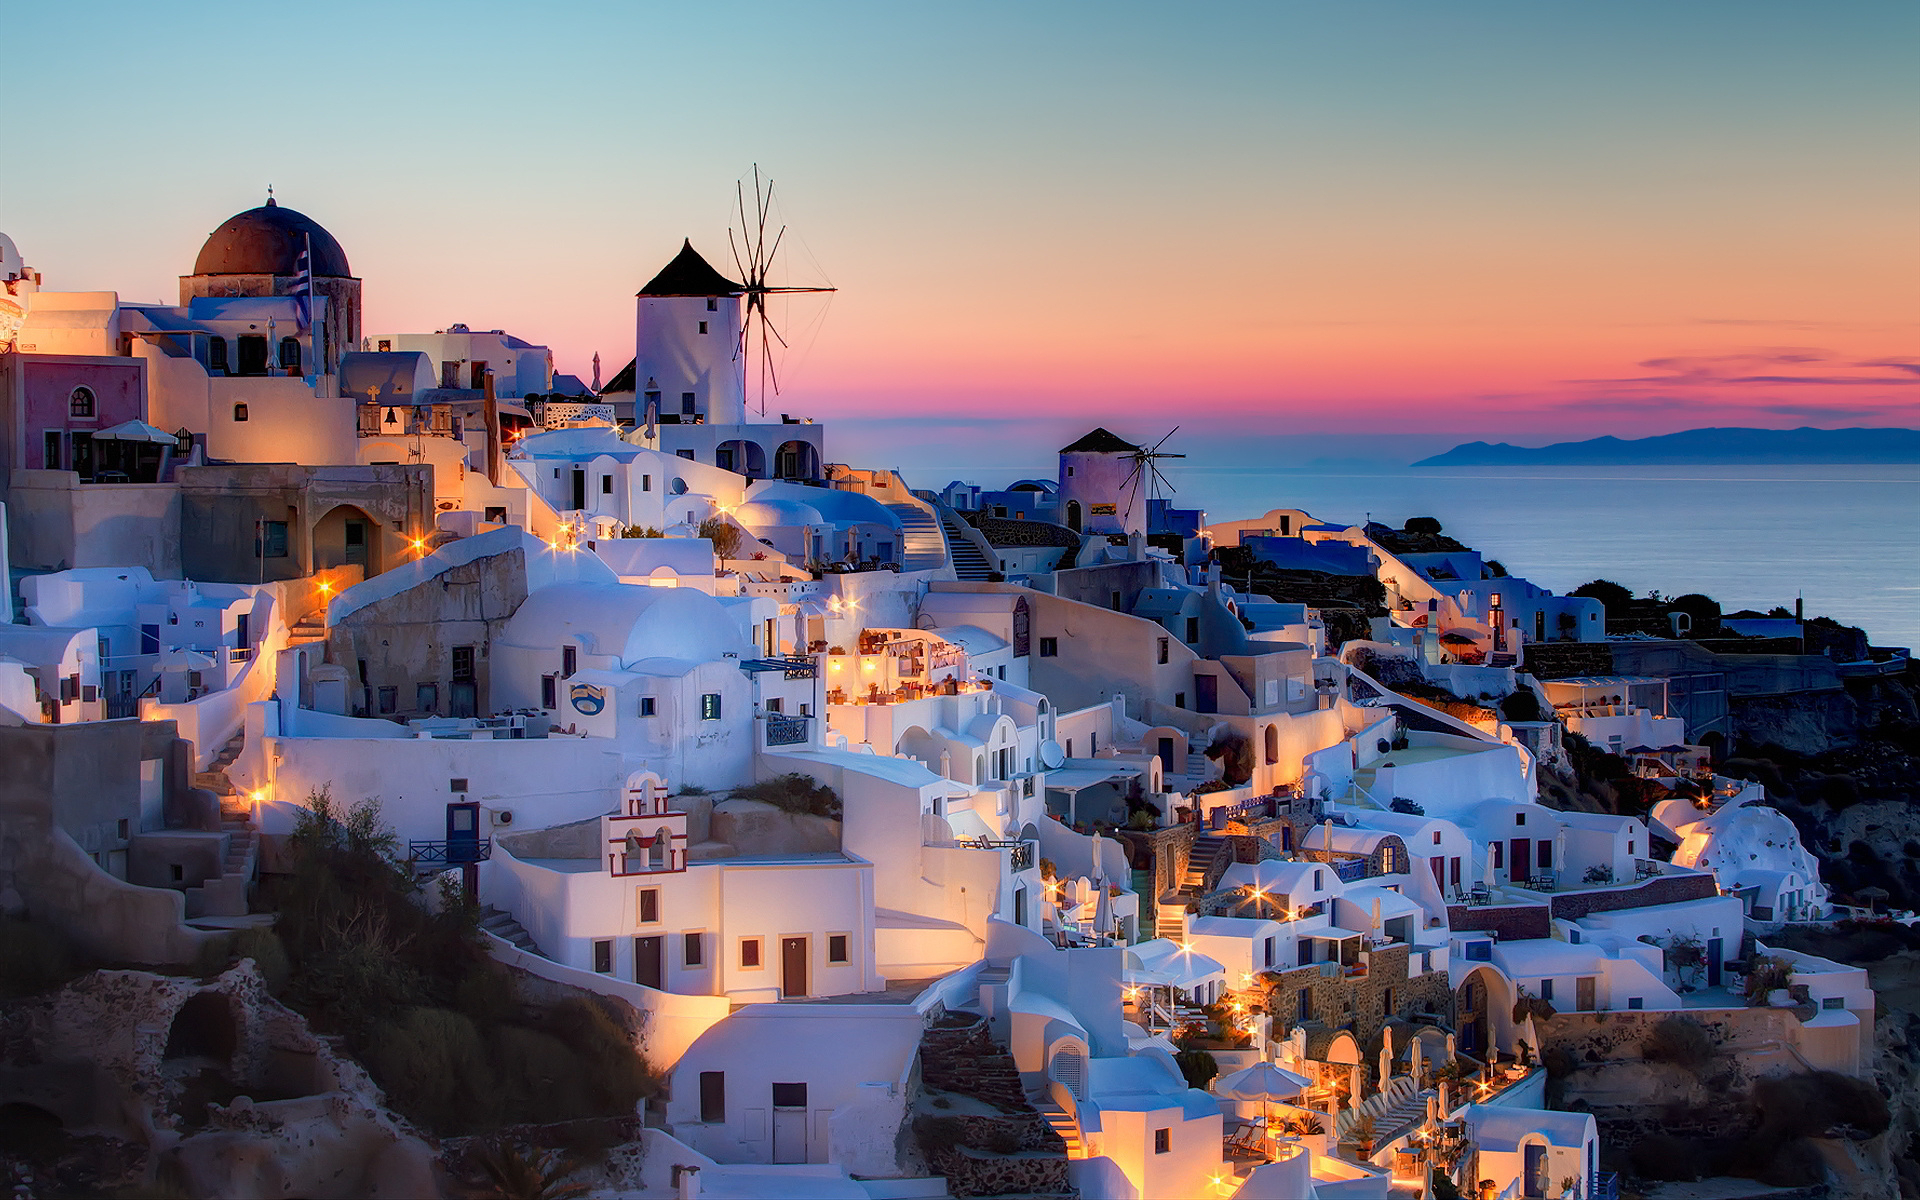 Obilazak santorinija grcka letovanje cene